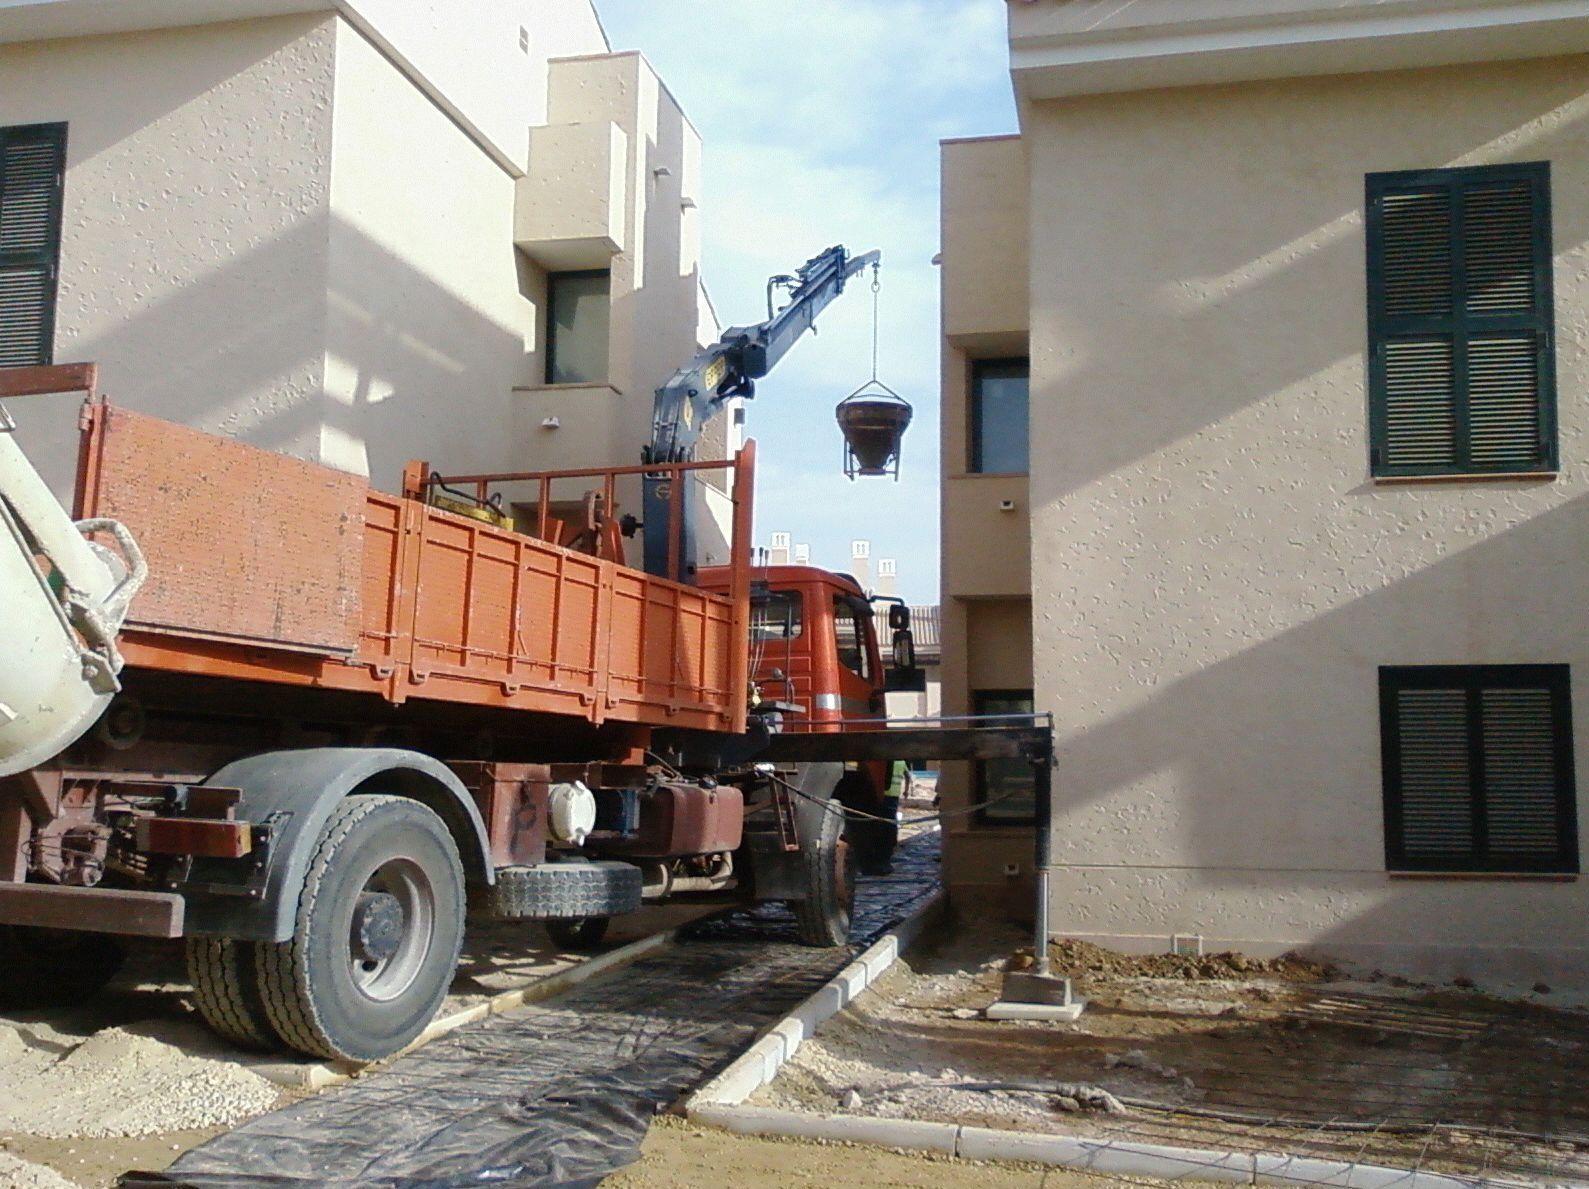 Contenedores Murcia,Recogida de escombros Murcia, retirada de muebles viejos Murcia